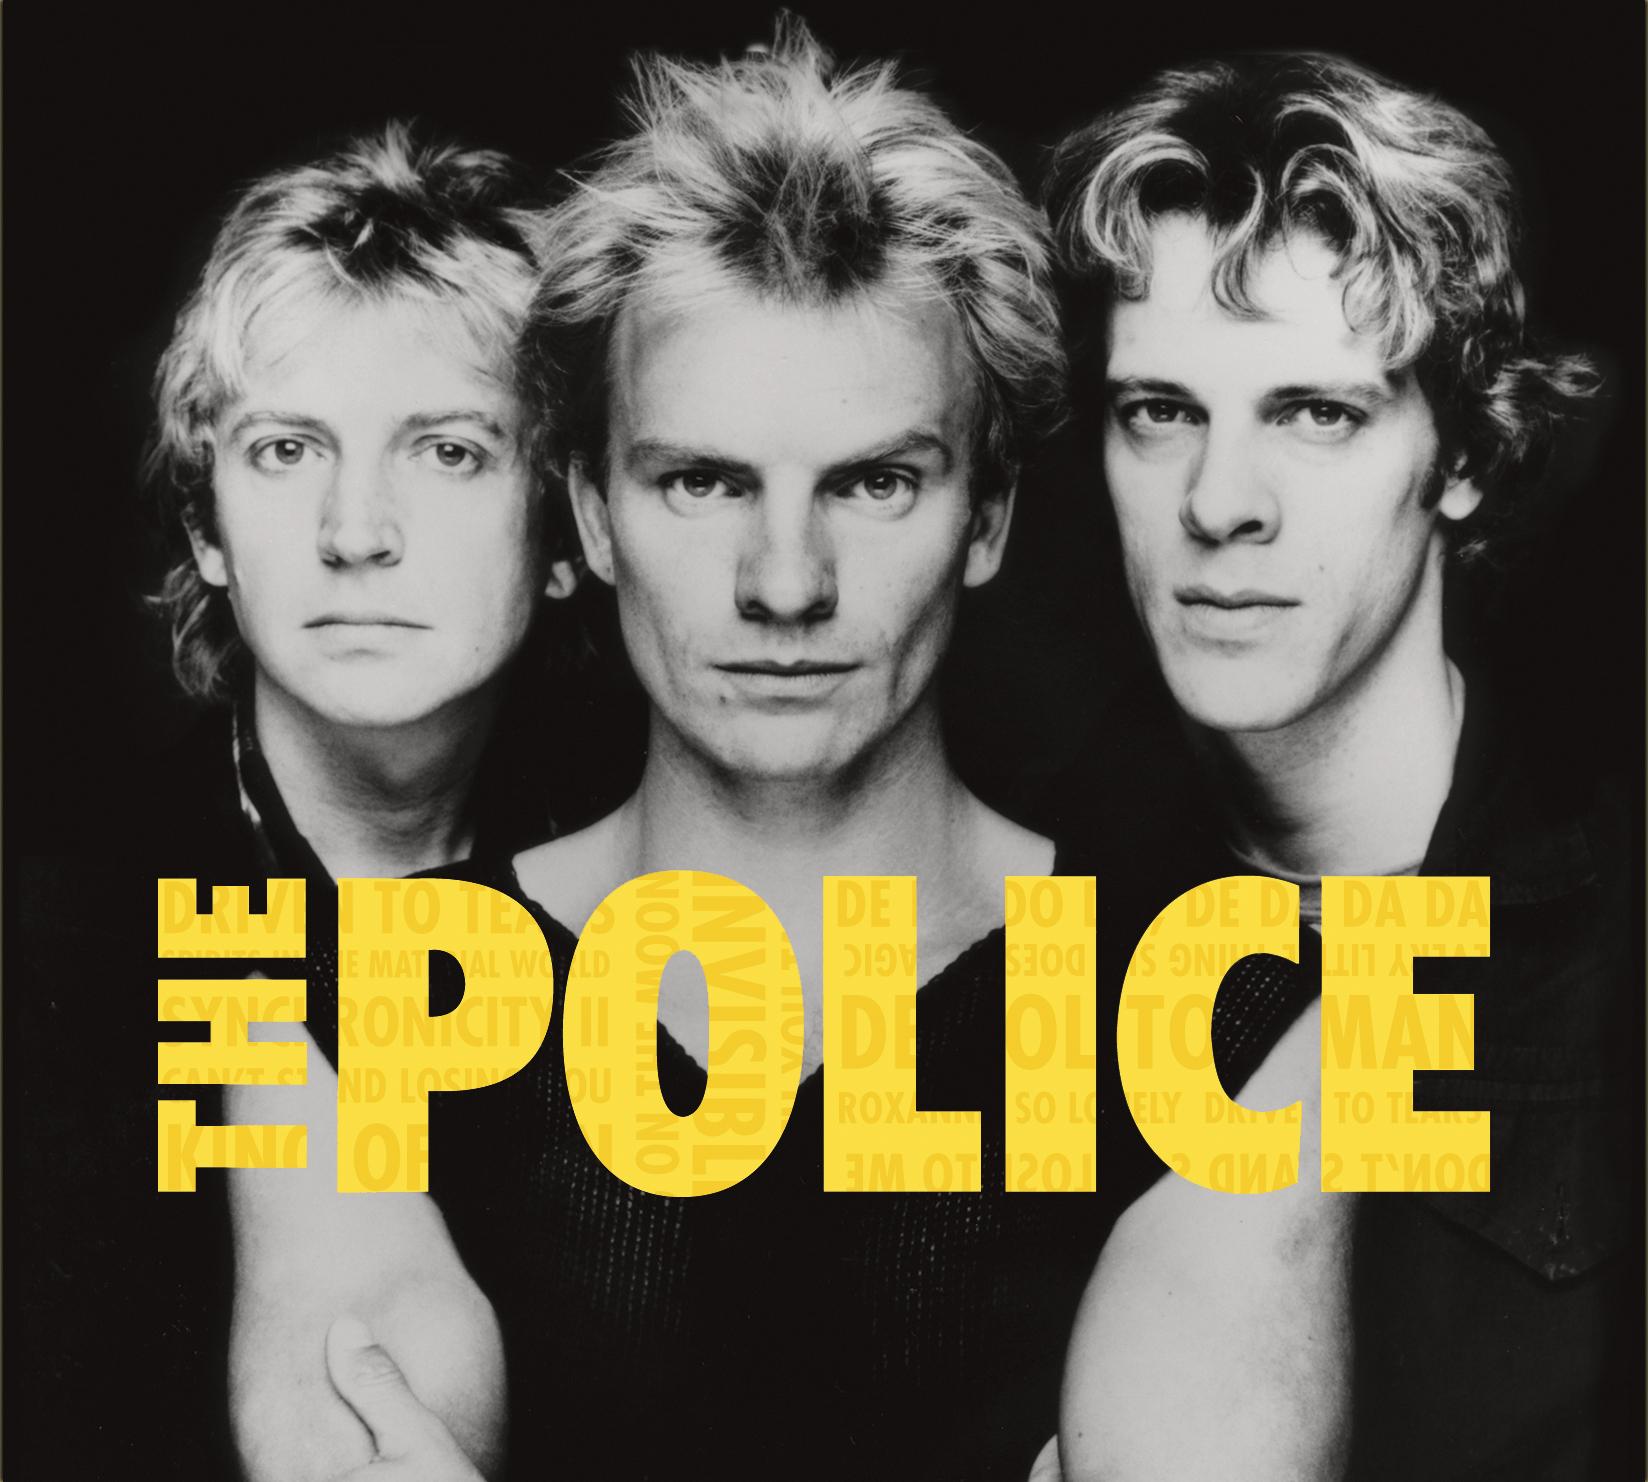 [Image: Police_BestOf2007.jpg]